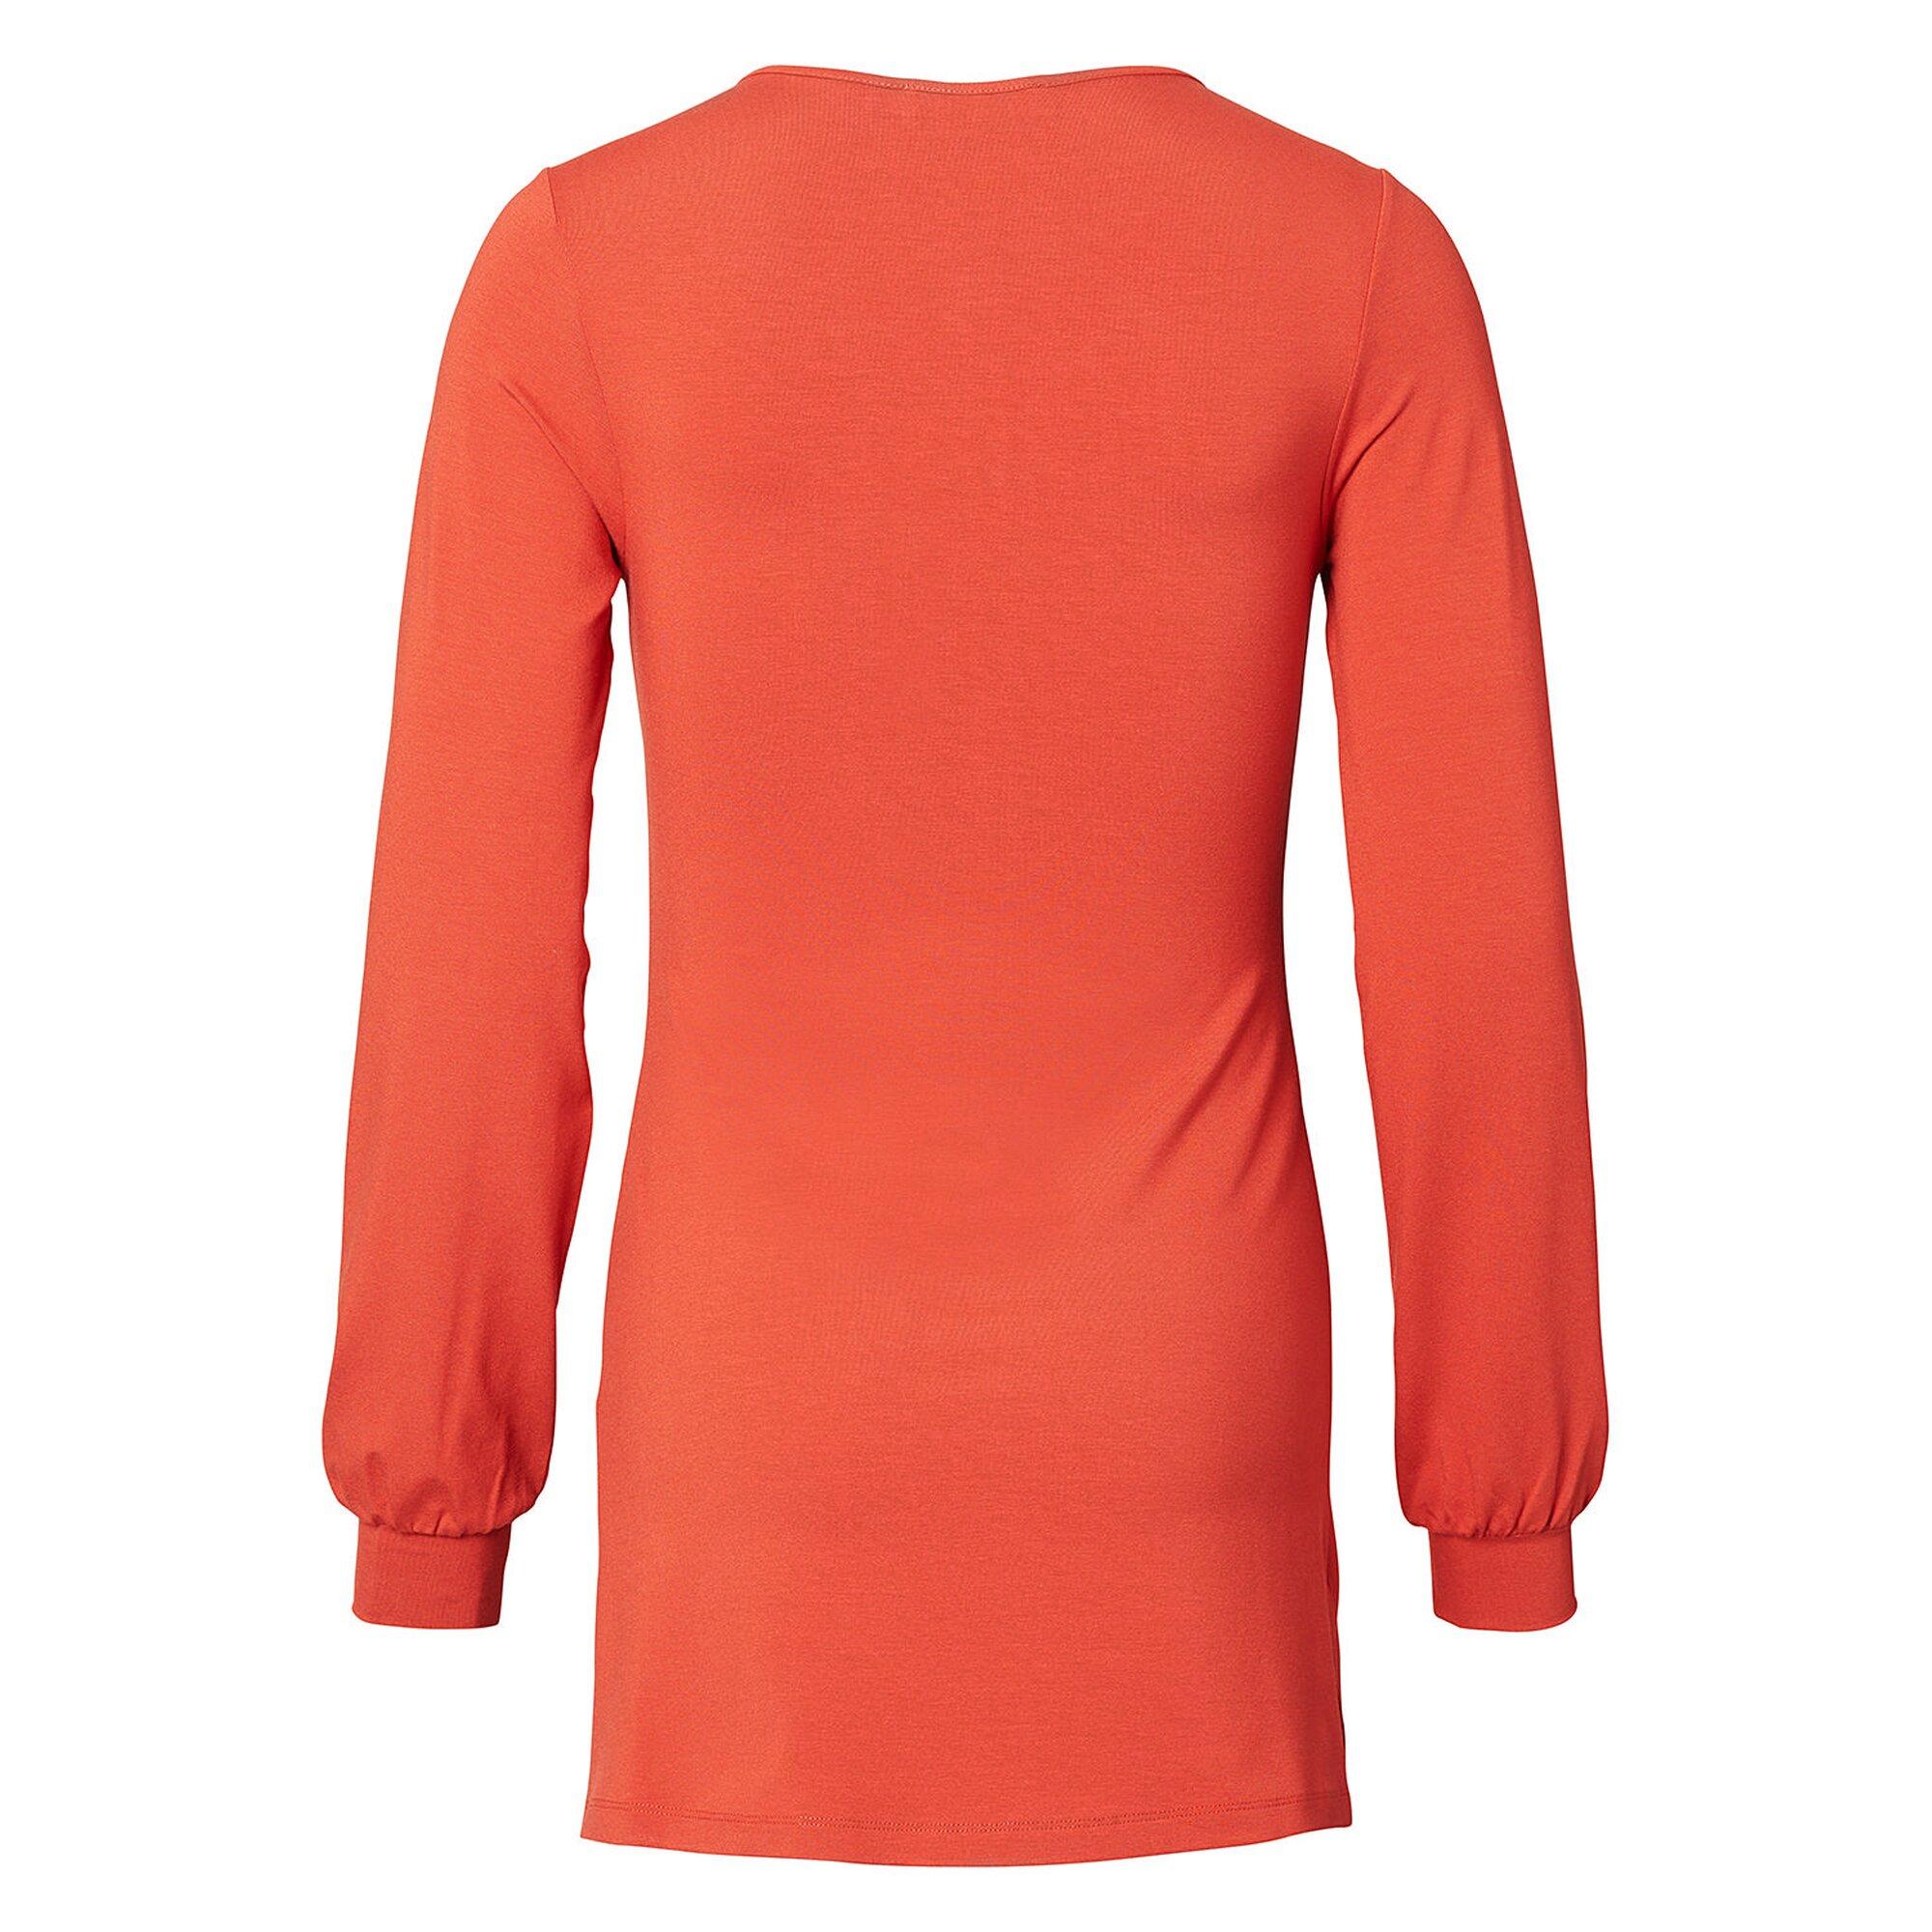 bluse, 59.99 EUR @ babywalz-de